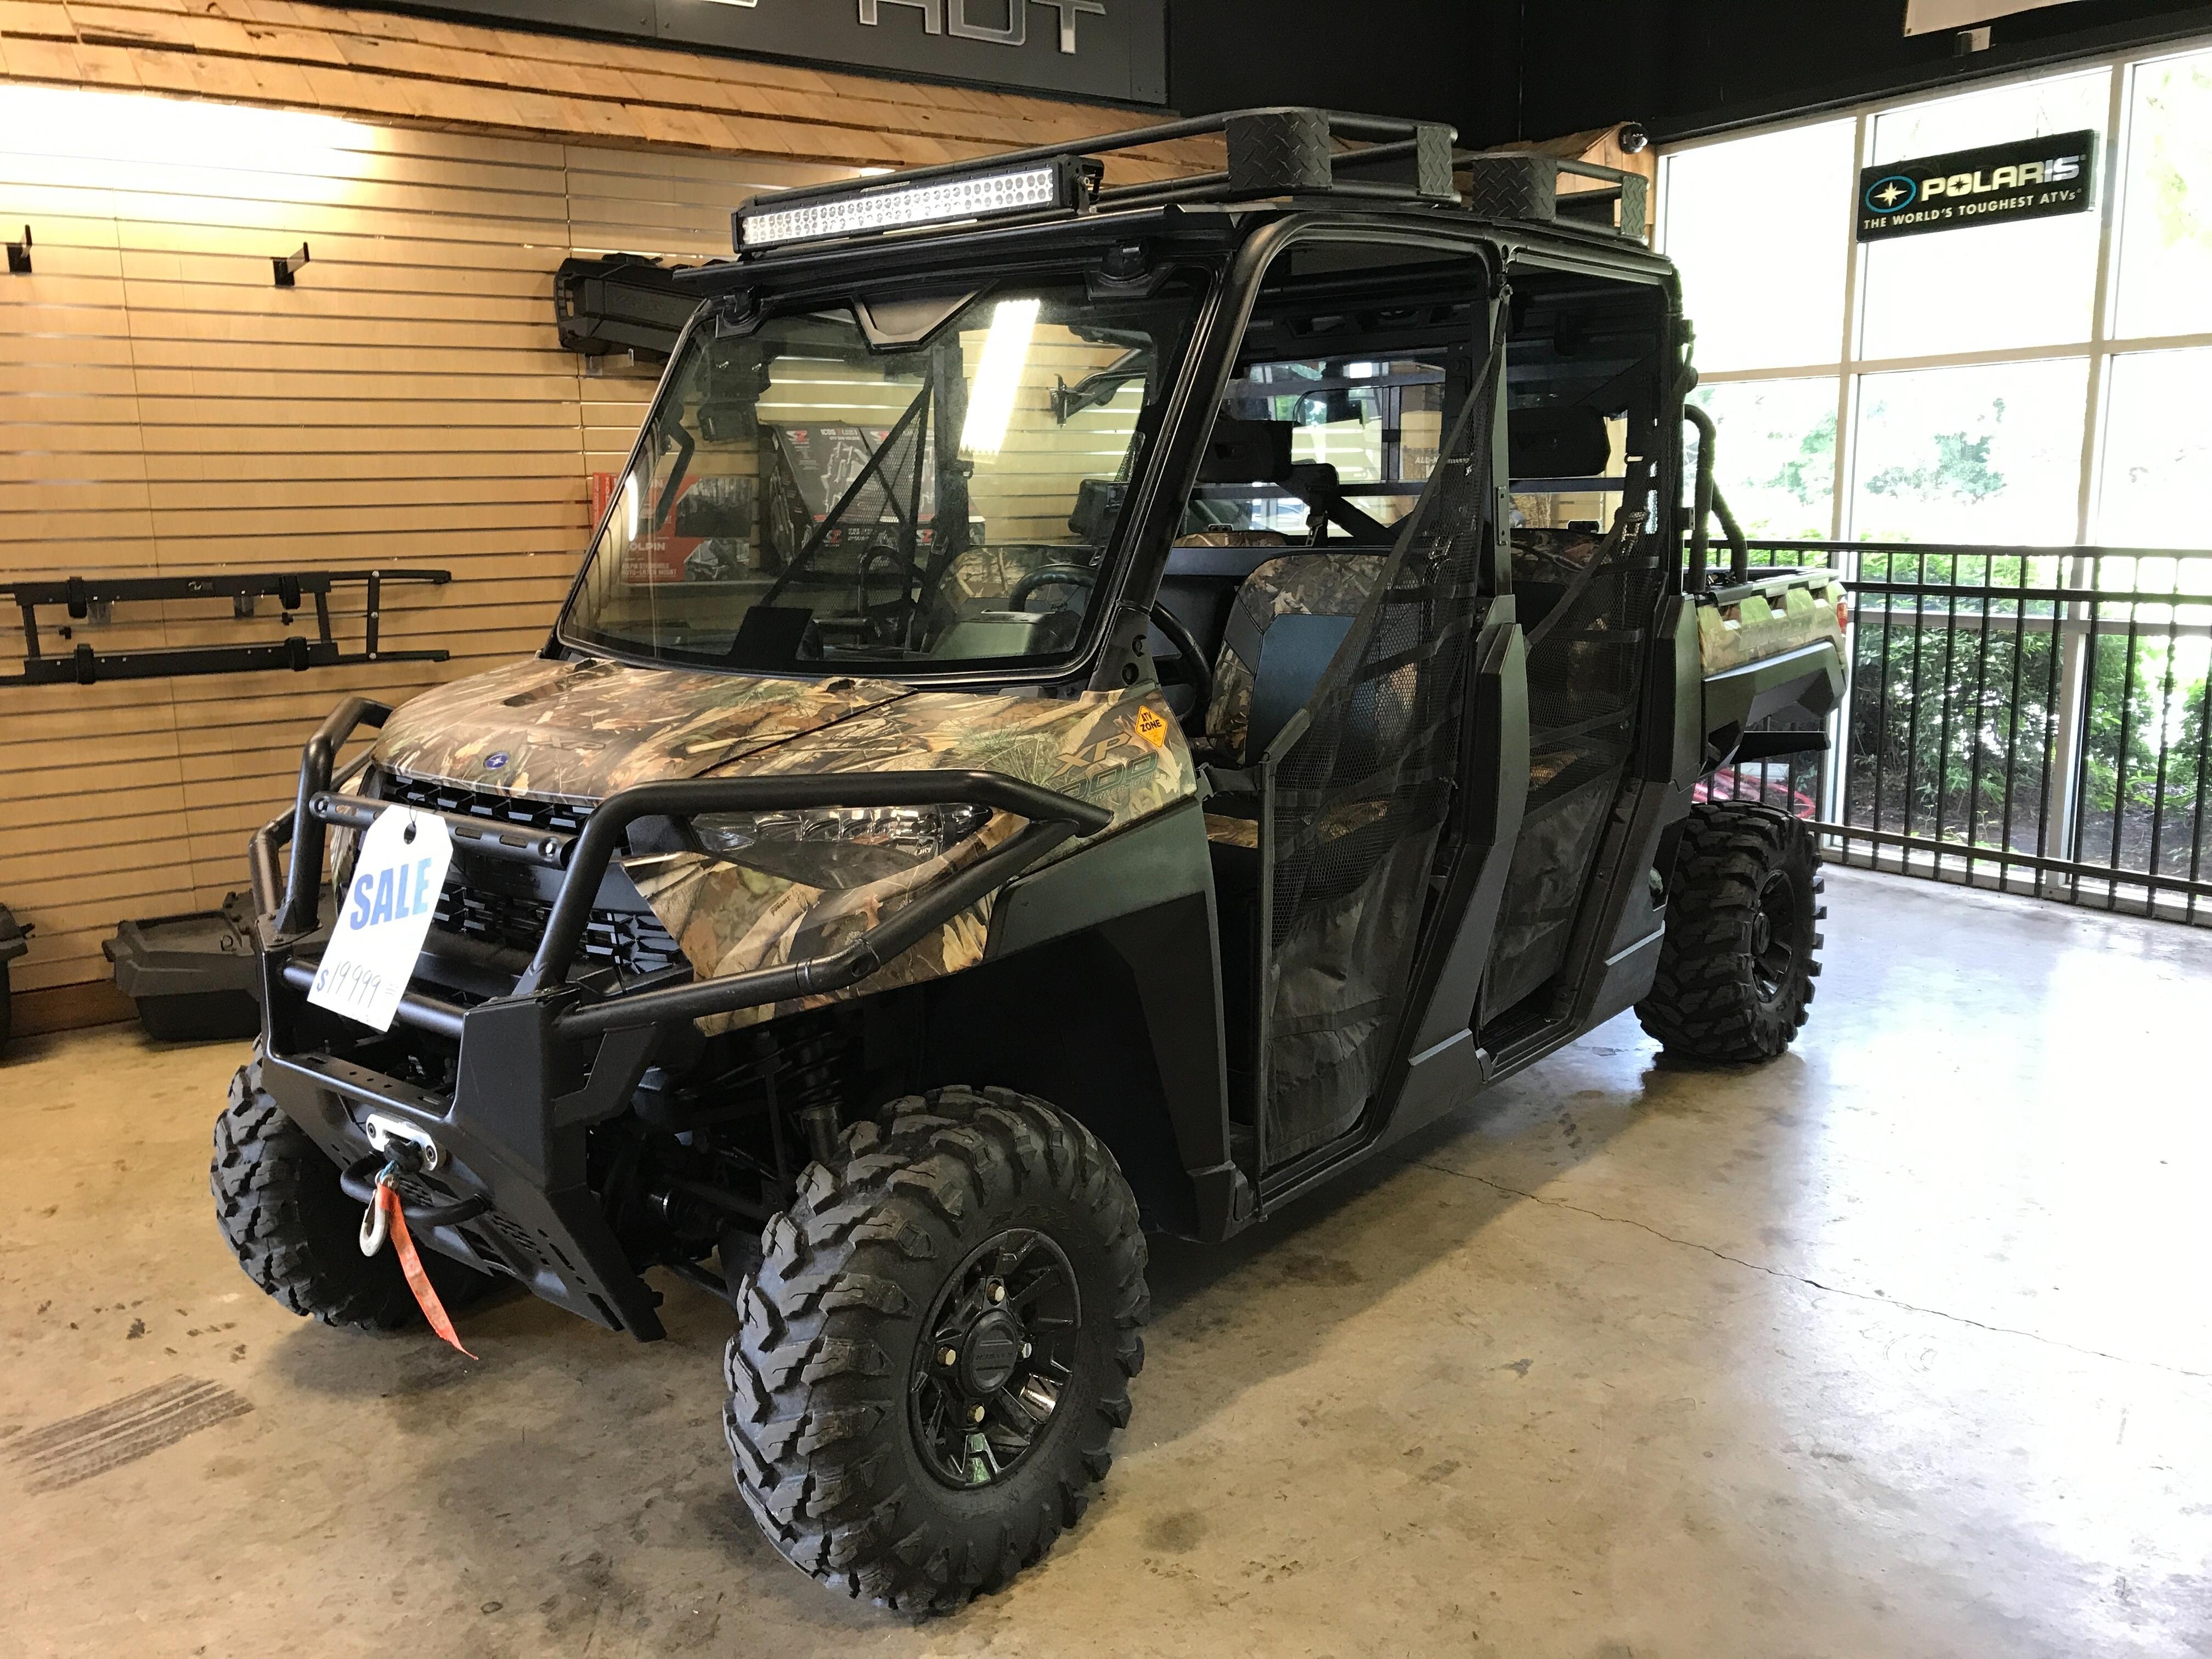 2019 Polaris Ranger xp 1000 EPS Premium Polaris Pursuit Camo at ATV Zone, LLC